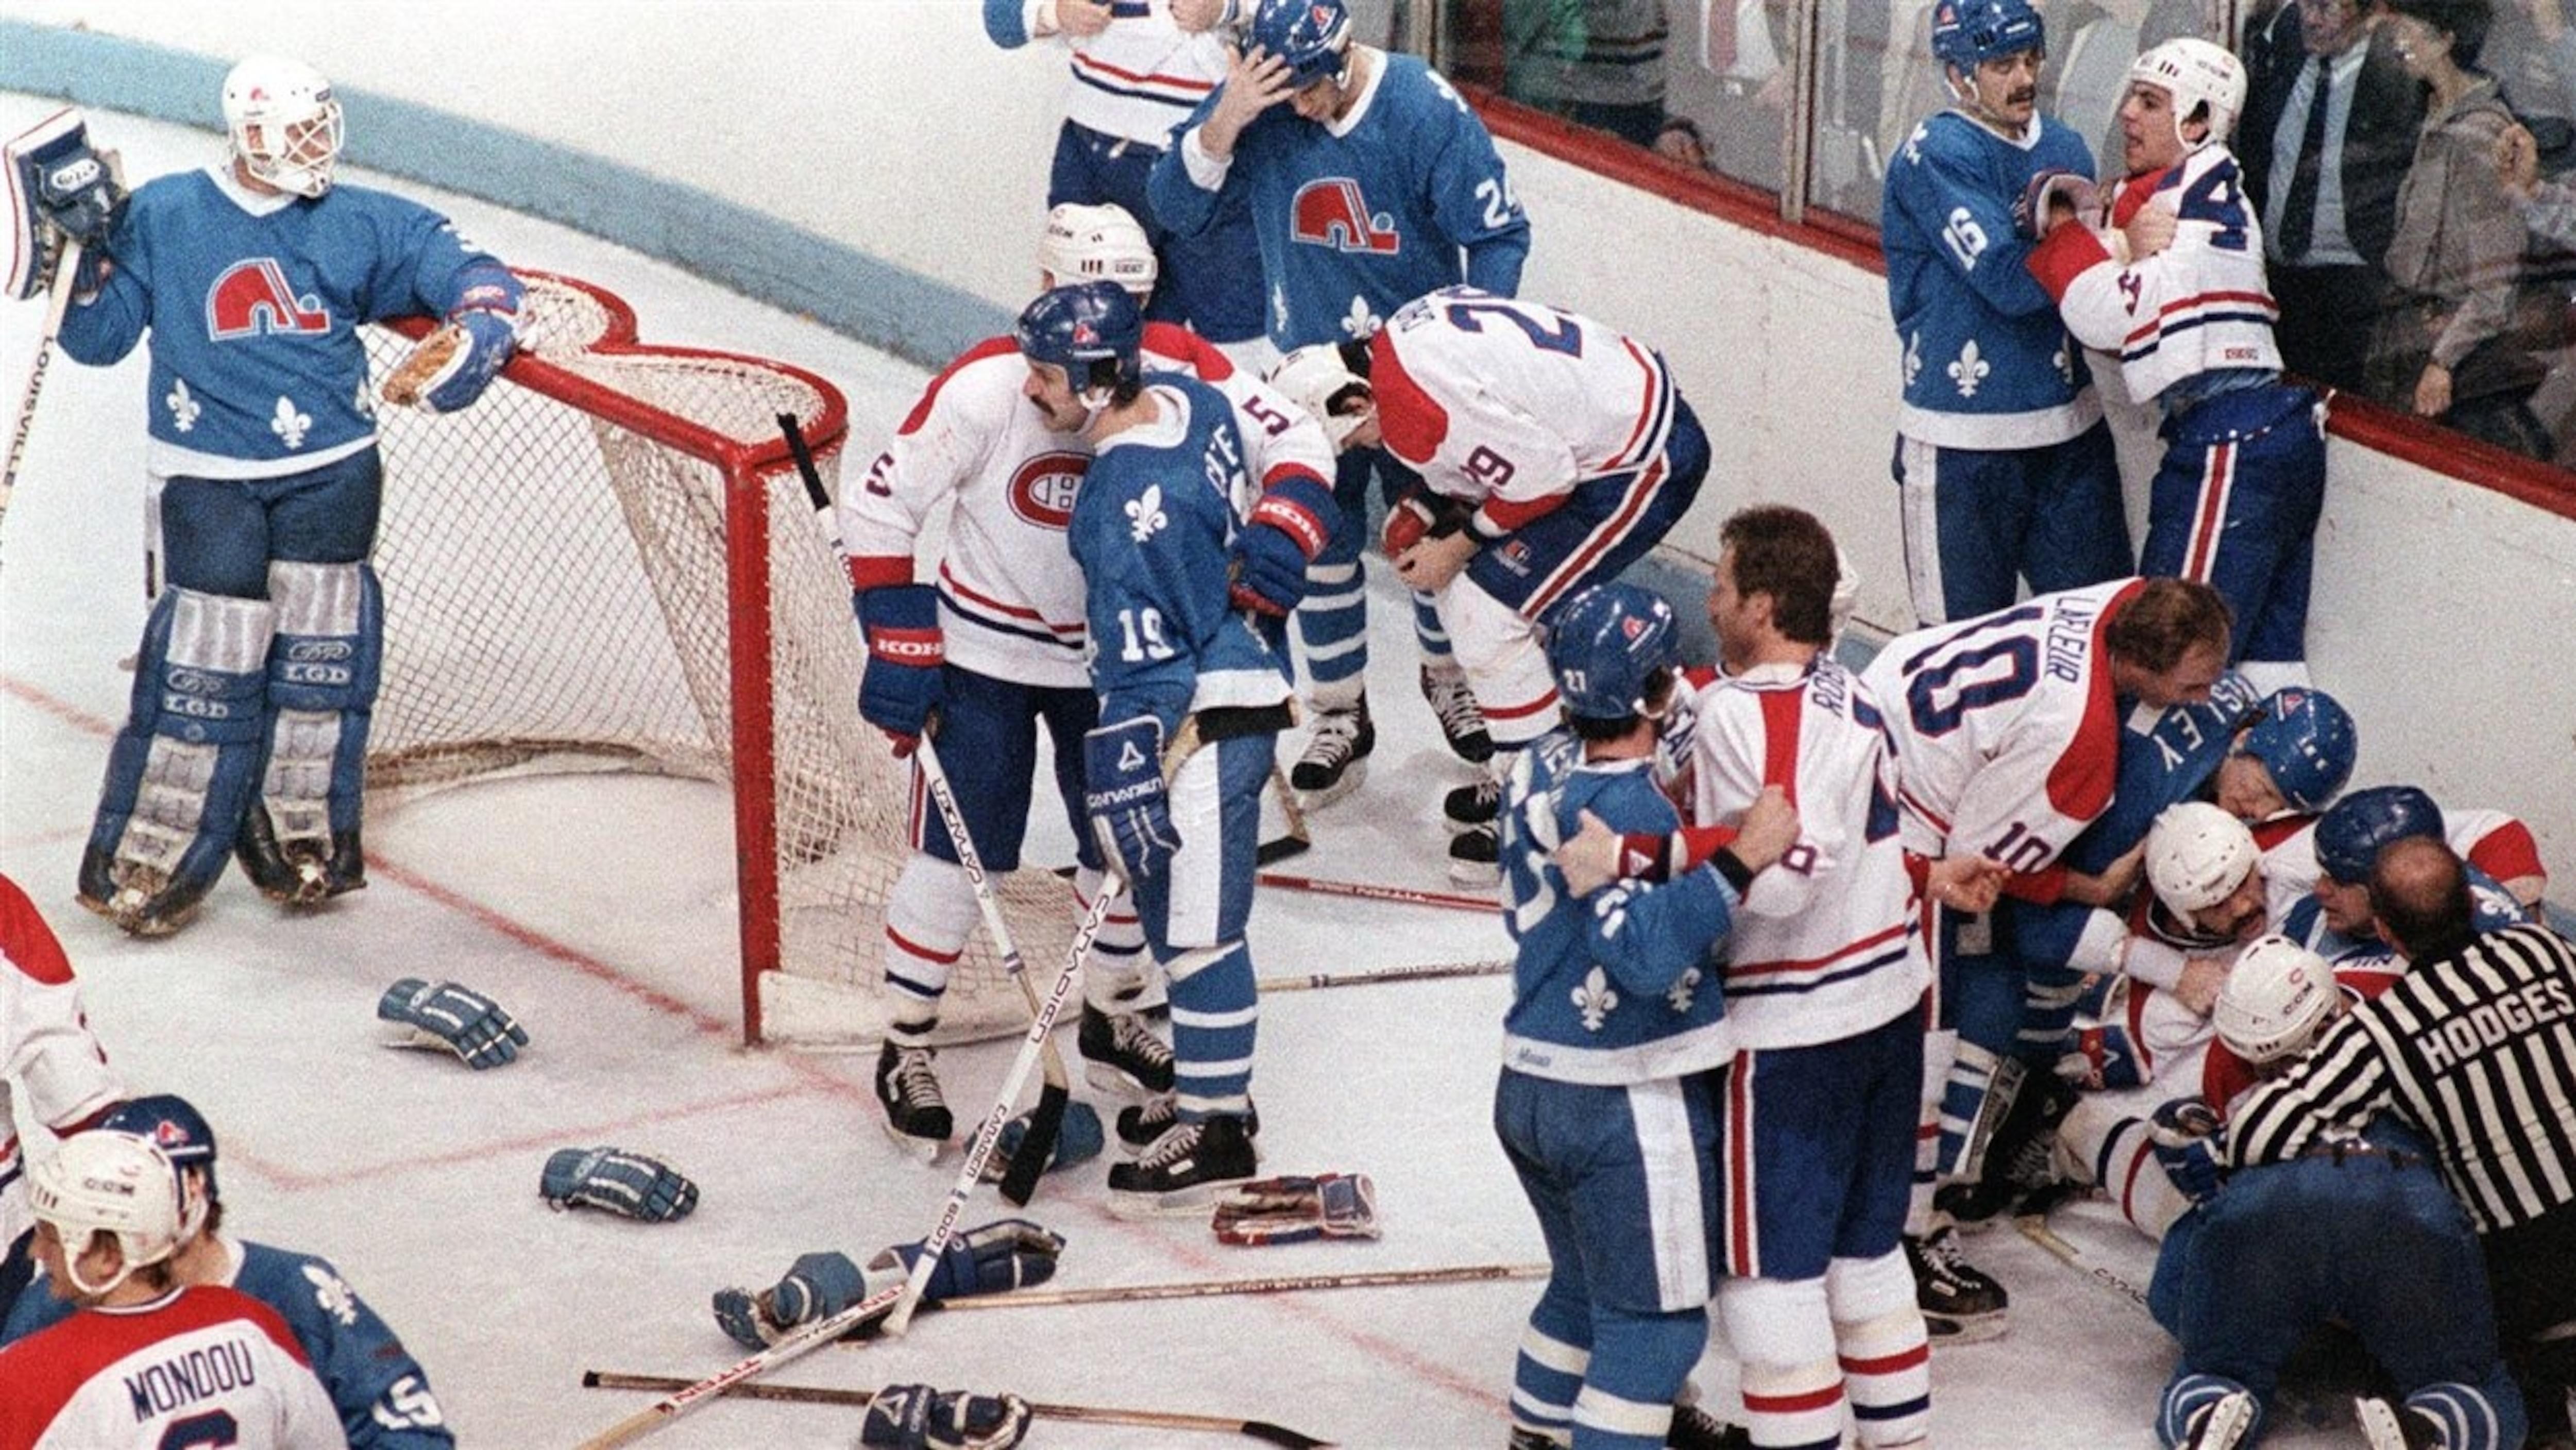 Des joueurs des Canadiens et des Nordiques lors de la bataille du Vendredi saint du 20 avril 1984